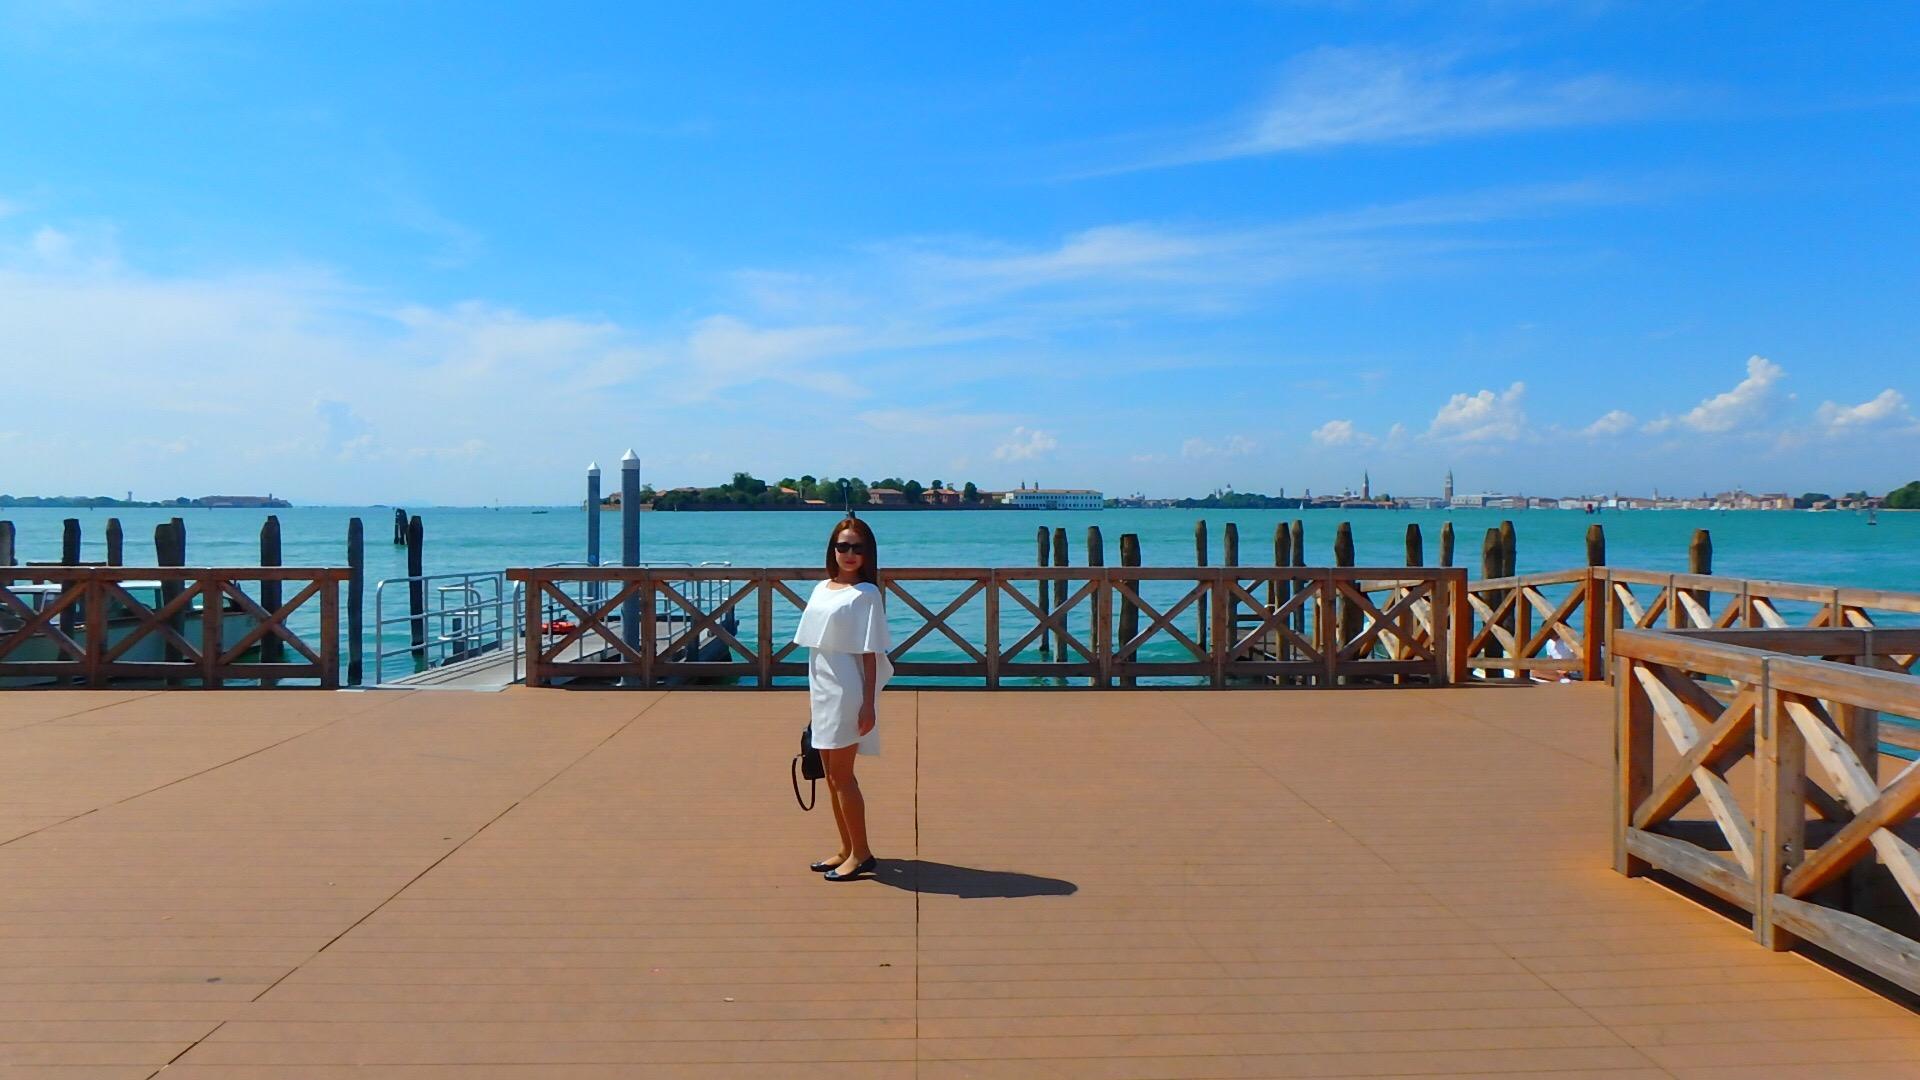 ベネチアの離島リド島は海が綺麗